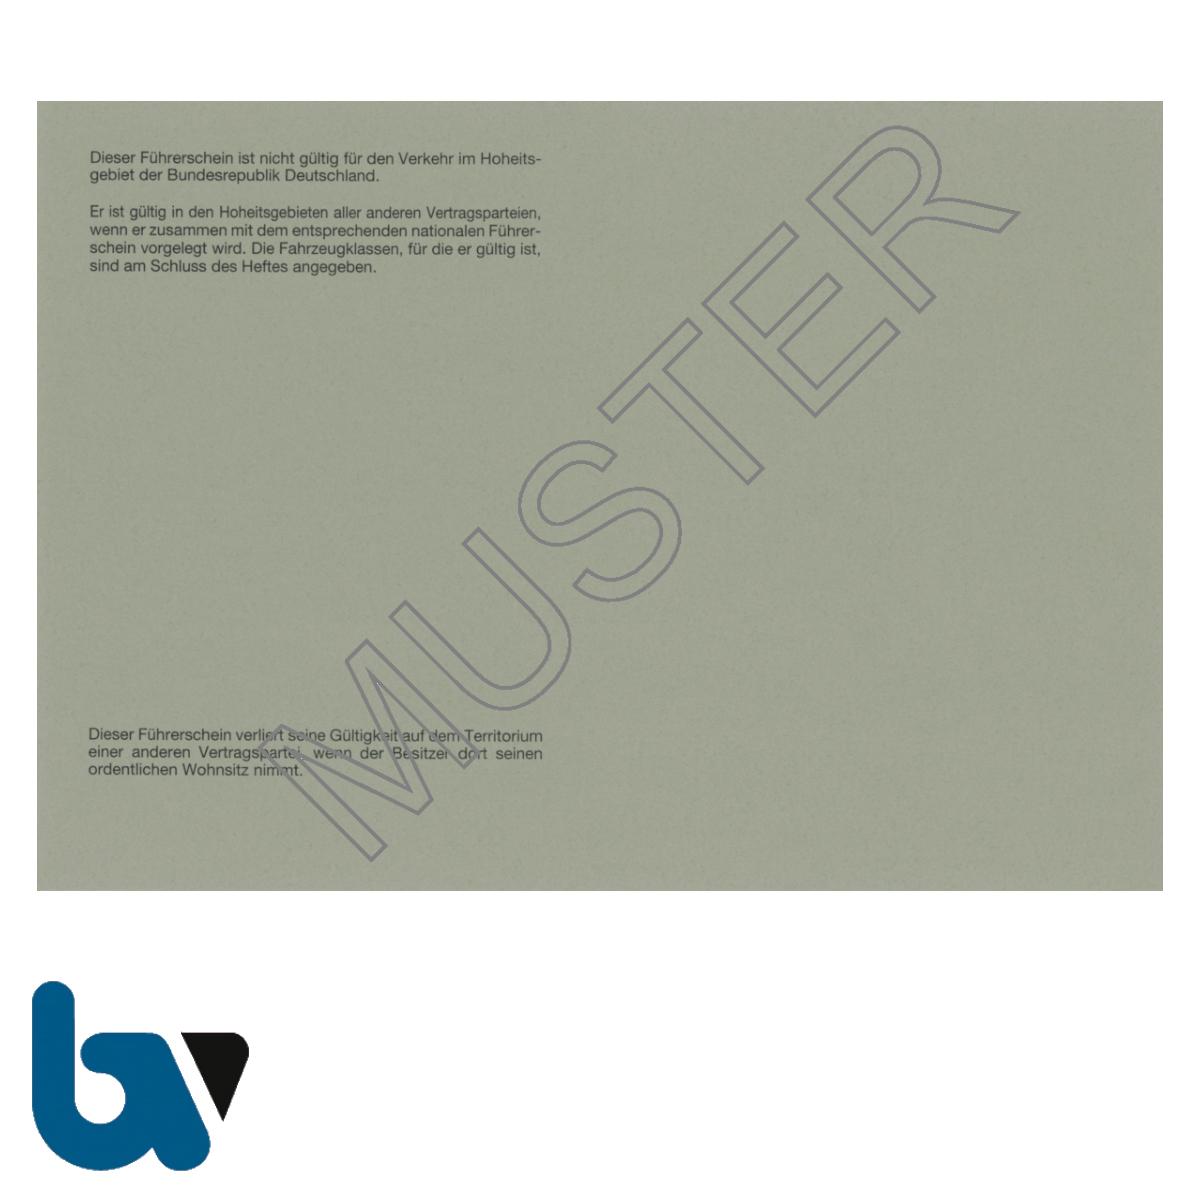 419 International Führerschein Übereinkommen 1968 §25b Anlage 8d FeV Fahrerlaubnis Verordnung Neobond grau Seite 2 | Borgard Verlag GmbH